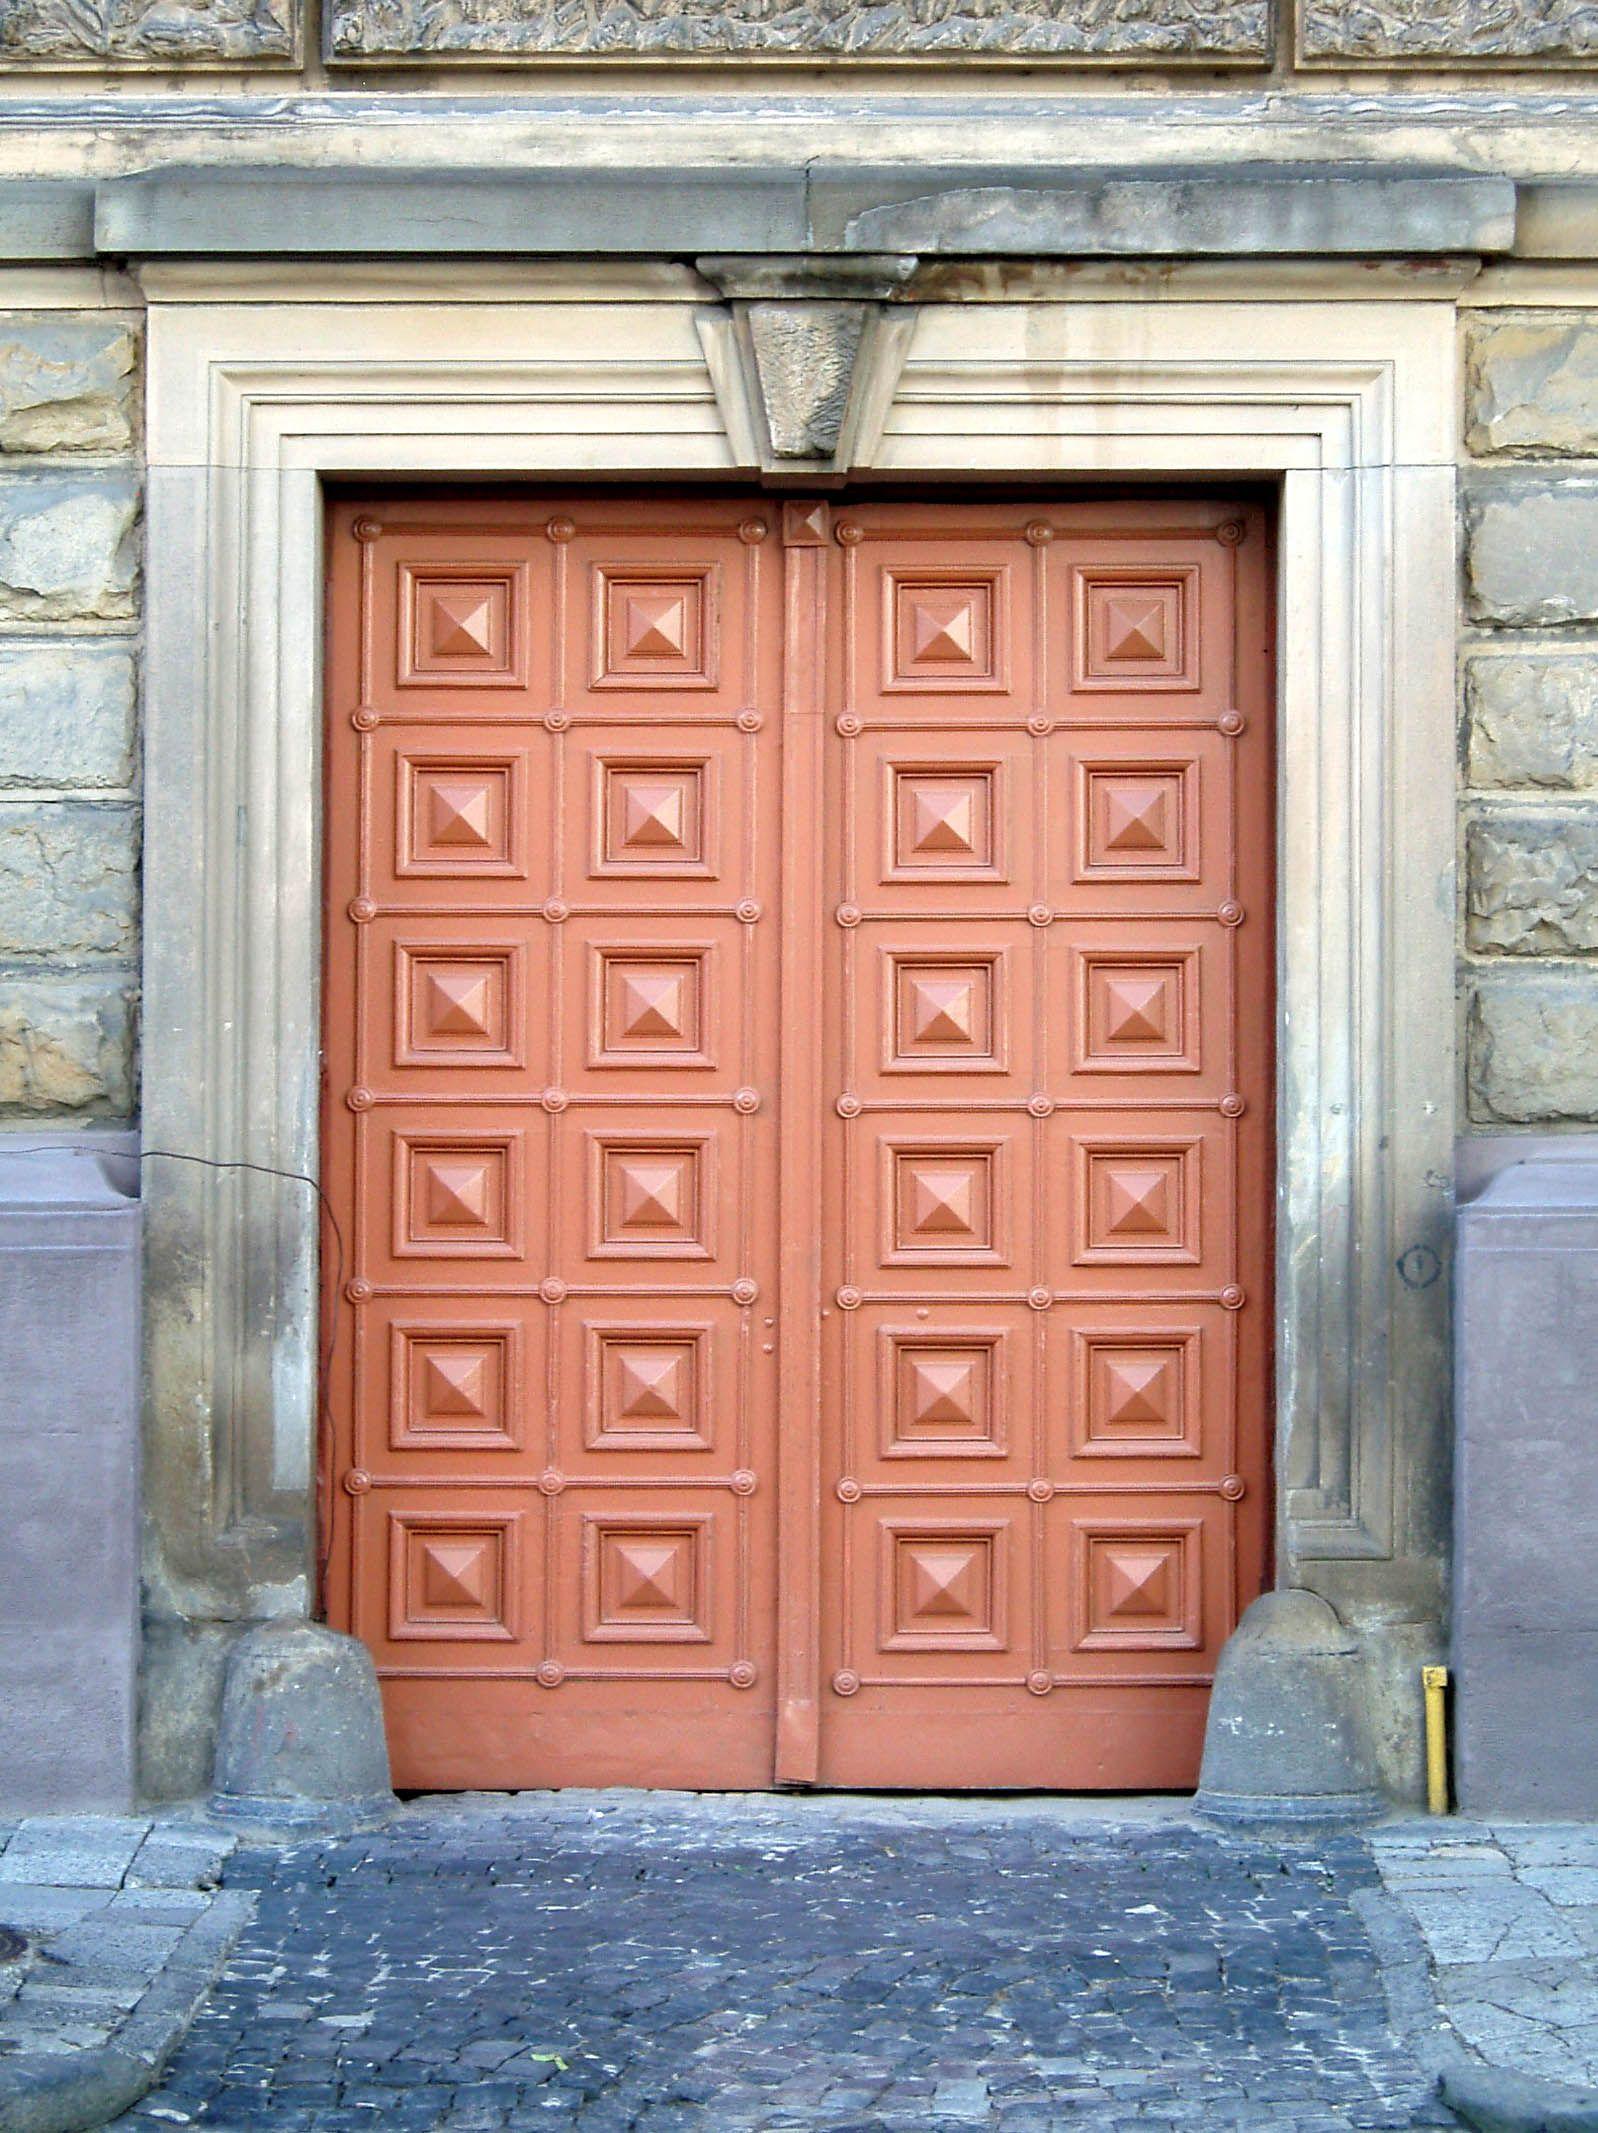 Coral Door File 2 Hryhorenka Square Lviv Ukraine Coral Front Doors Doors Coral Door